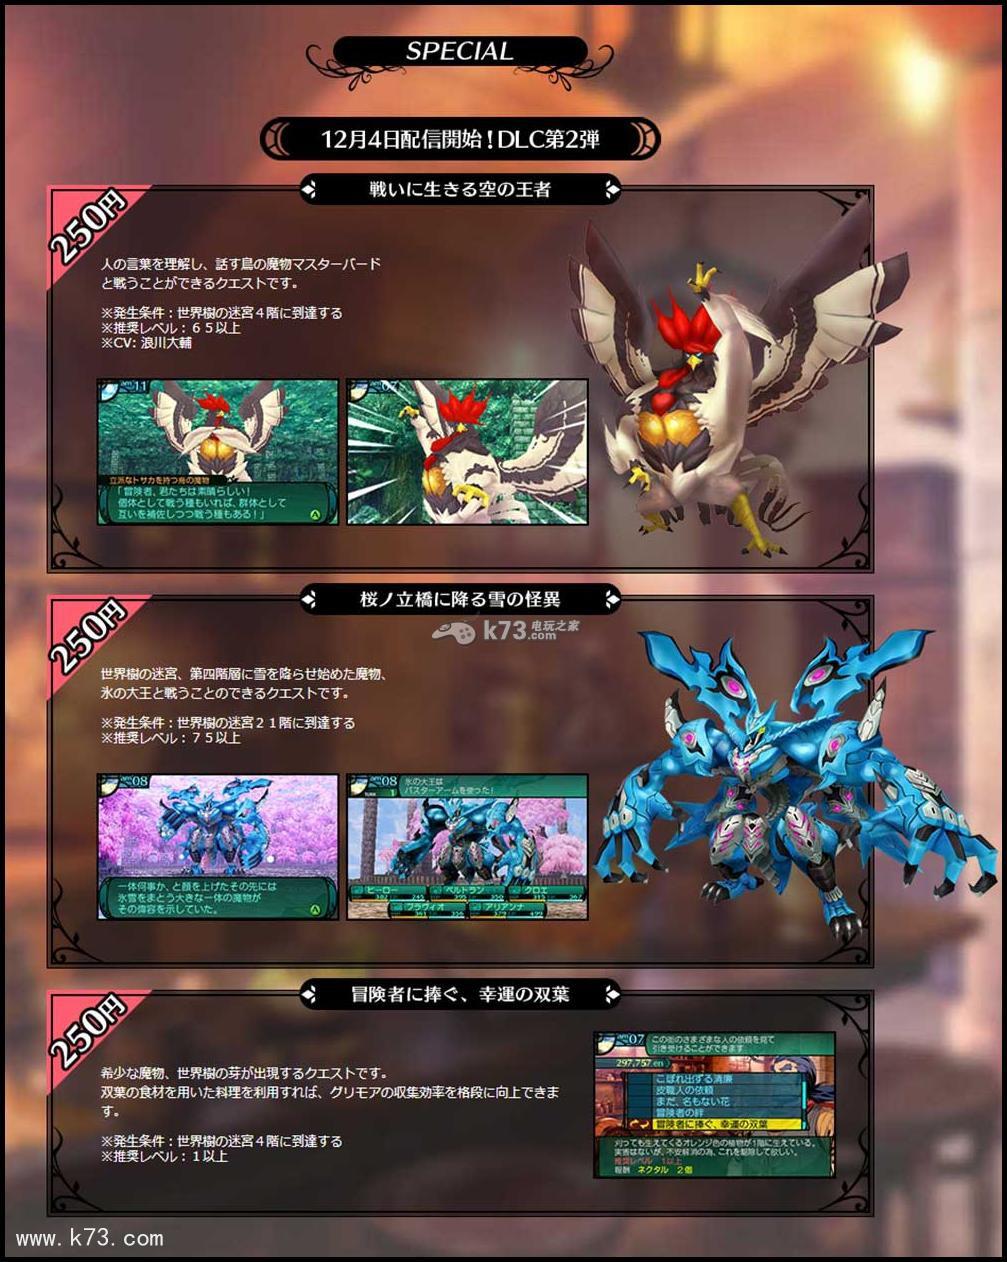 新世界树迷宫2 日版dlc下载